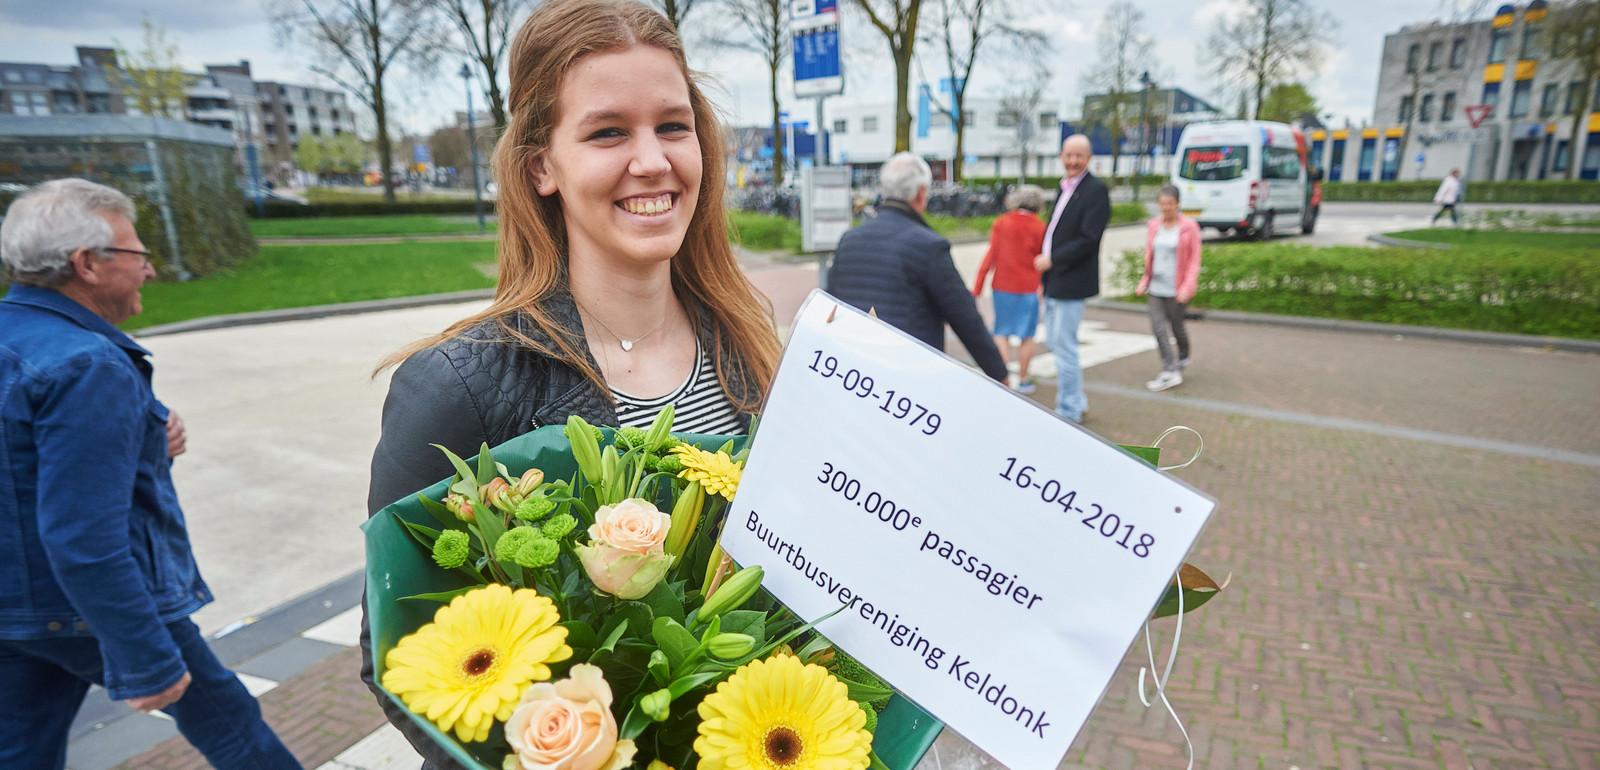 De 300.000ste passagier van de buurtbus, Ilse van Dinter. Vlak nadat ze uitstapte op het busstation te Veghel werd ze gefeliciteerd door wethouder Van Rooijen.  In de achtergrond rijdt de bus weg.